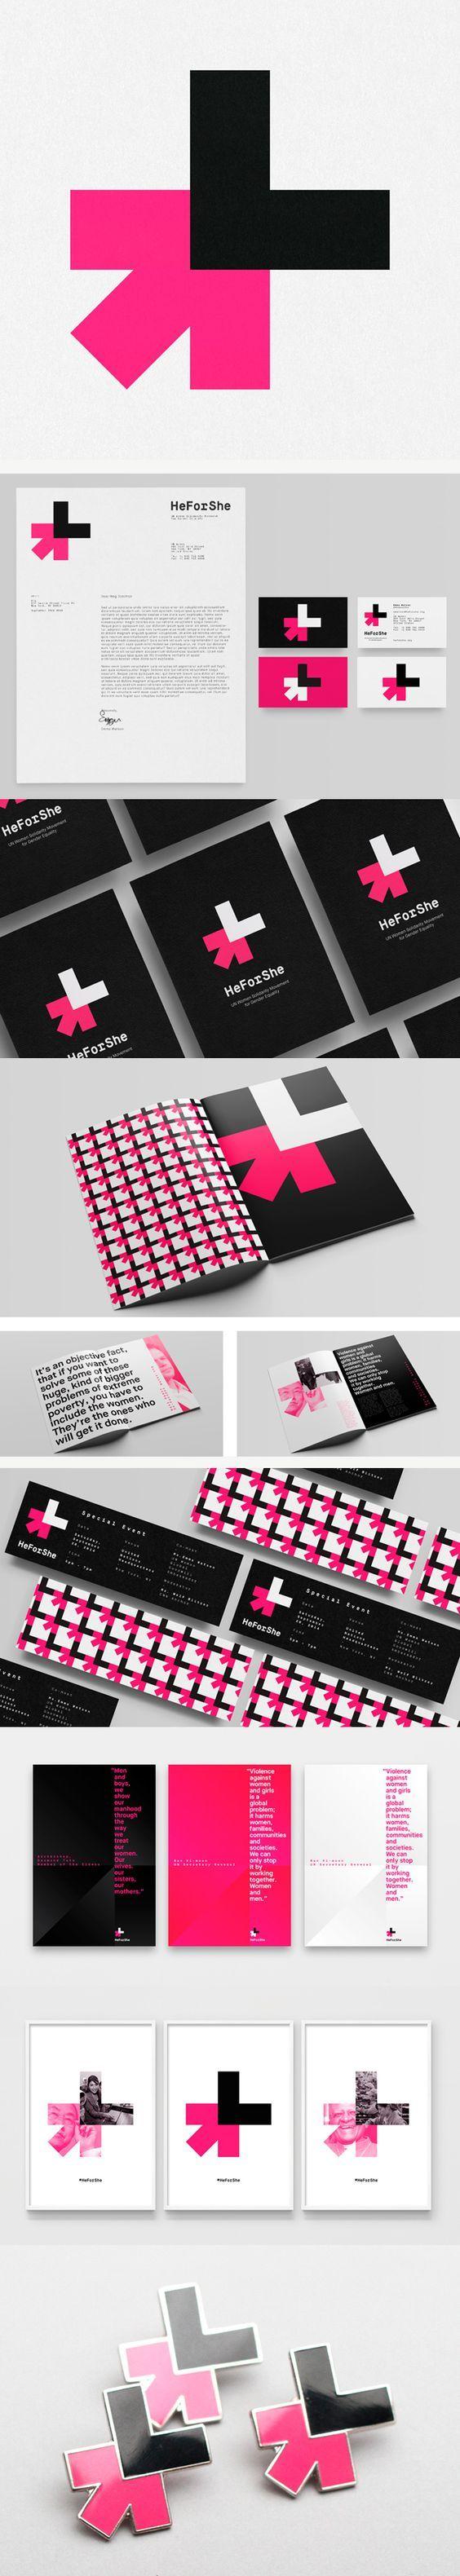 HeforShe Branding | Fivestar Branding – Design and Branding Agency & Inspiration Gallery | Professional Logo and Website Design